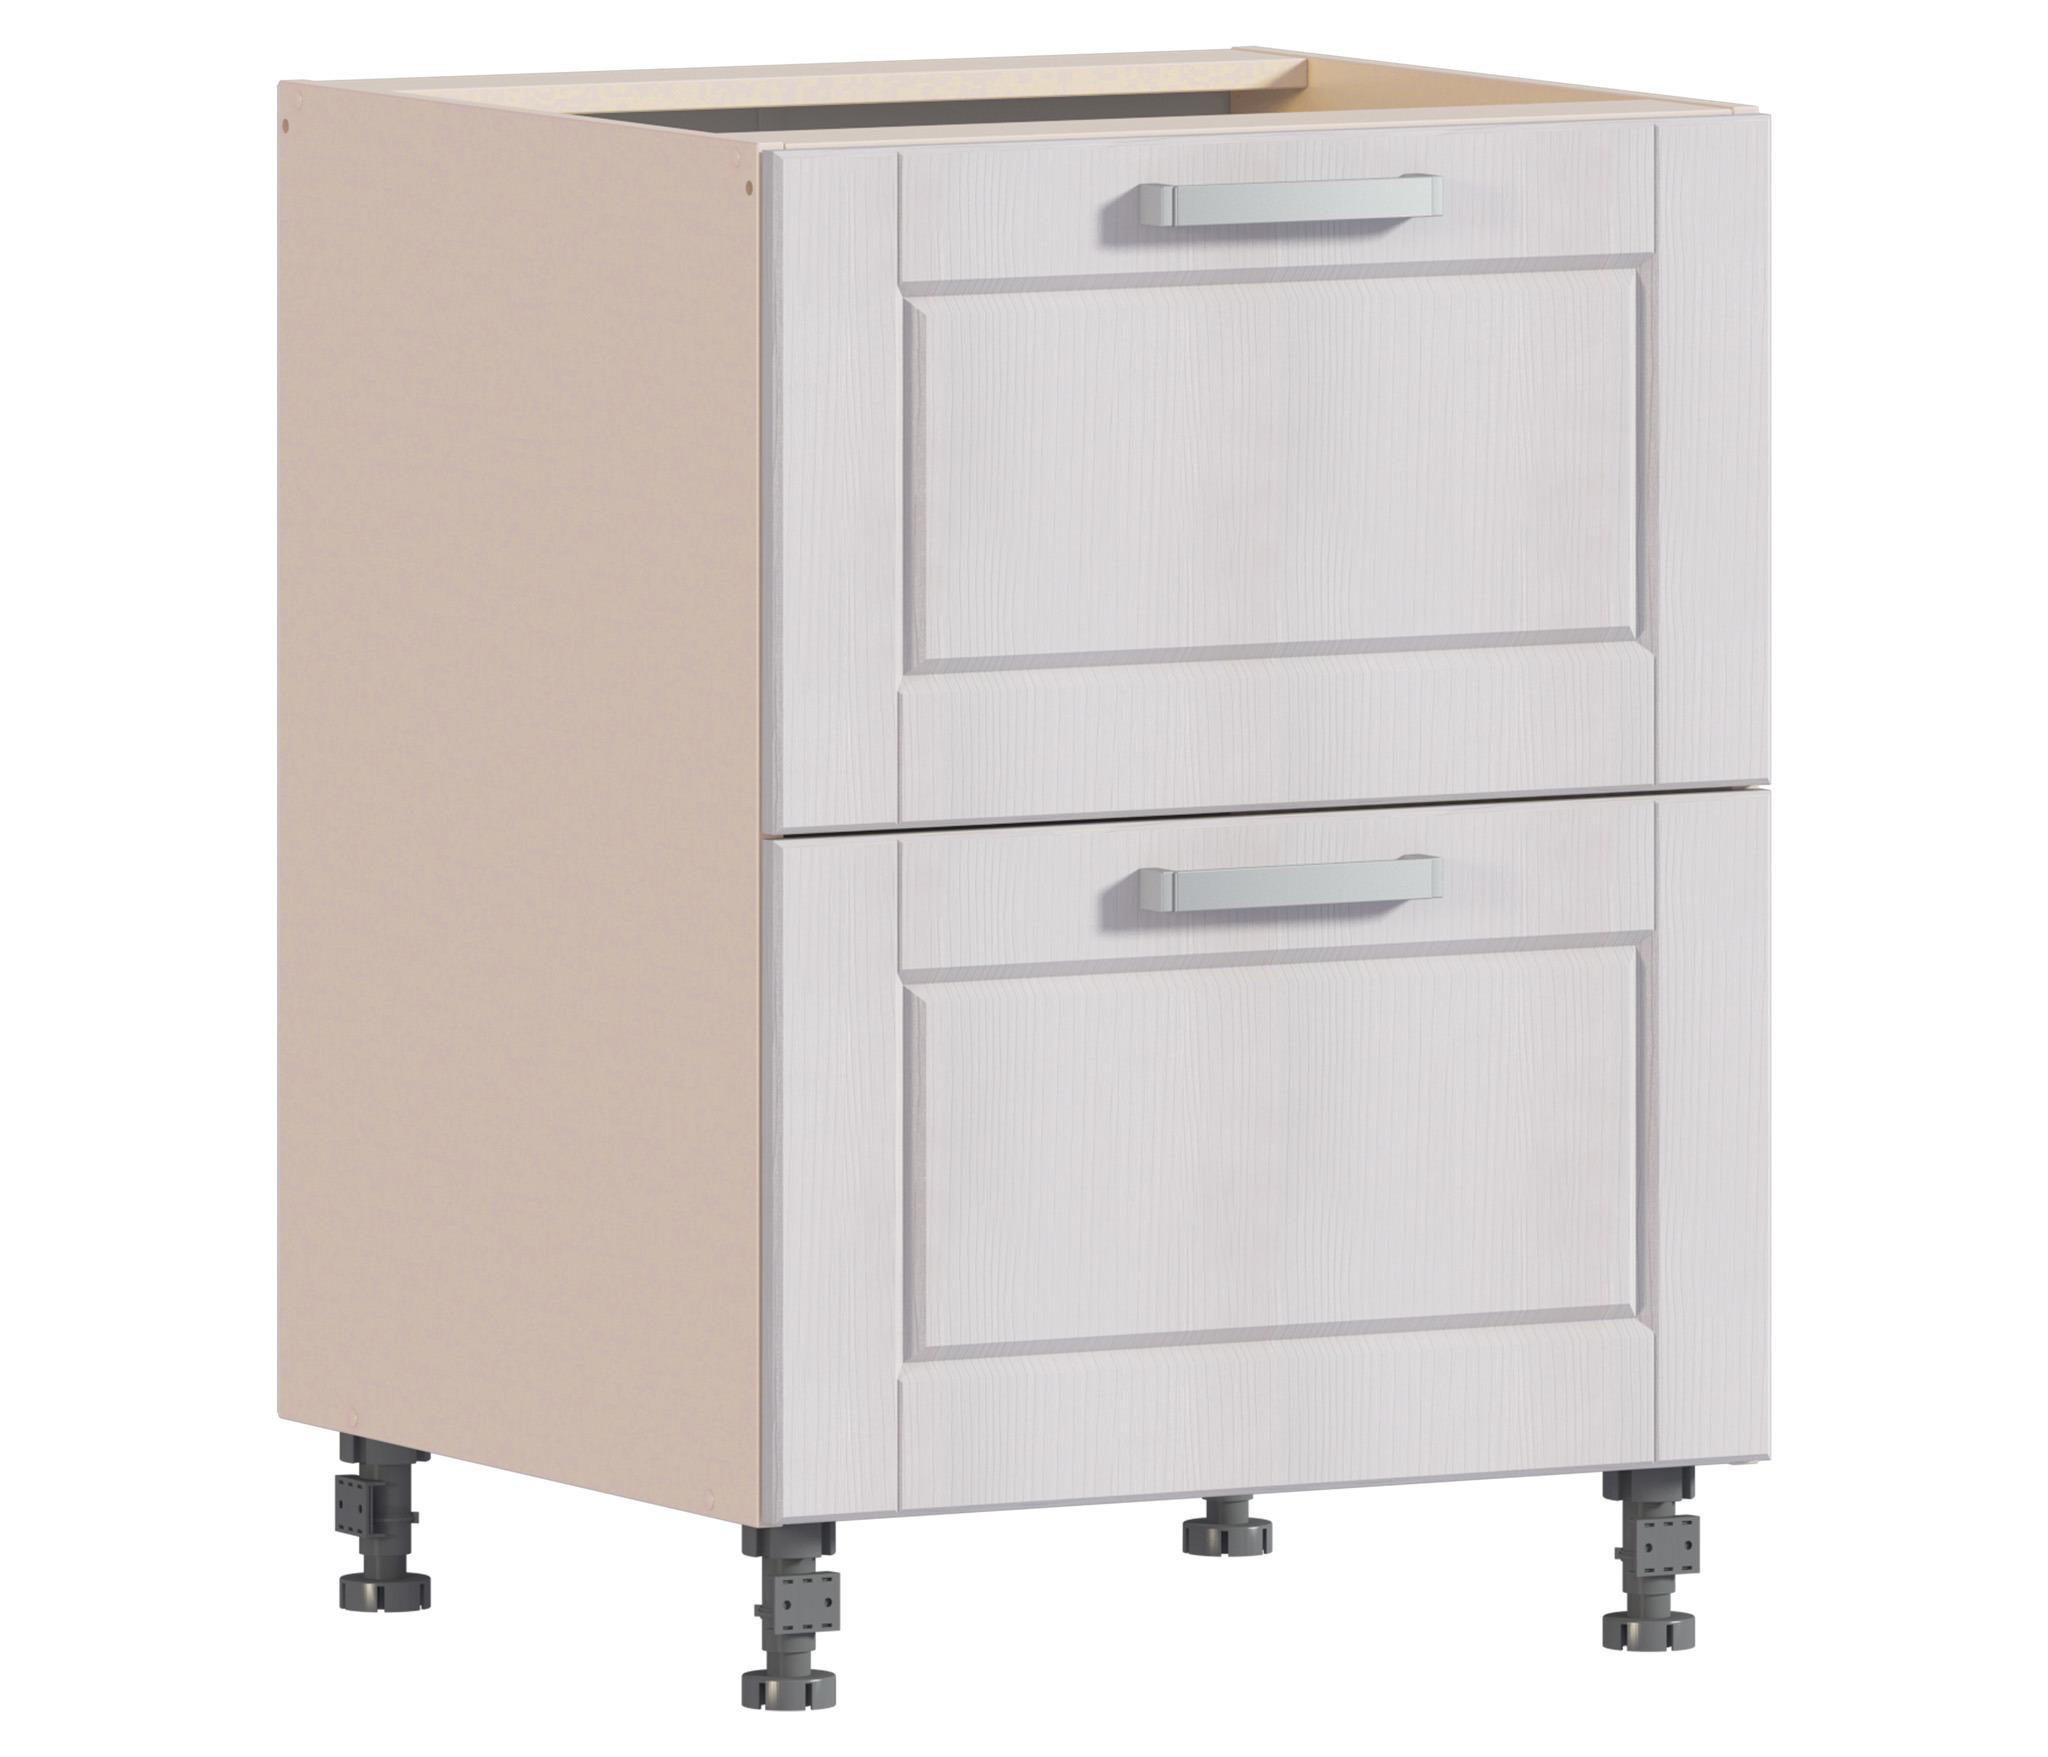 Регина РСЯ-60 столГарнитуры<br>Кухонный стол Регина РСЯ-60 предназначен для хранения всевозможной кухонной утвари и продуктов, не требующих охлаждения.&#13;Дополнительно рекомендуем приобрести столешницу.<br><br>Длина мм: 600<br>Высота мм: 820<br>Глубина мм: 563